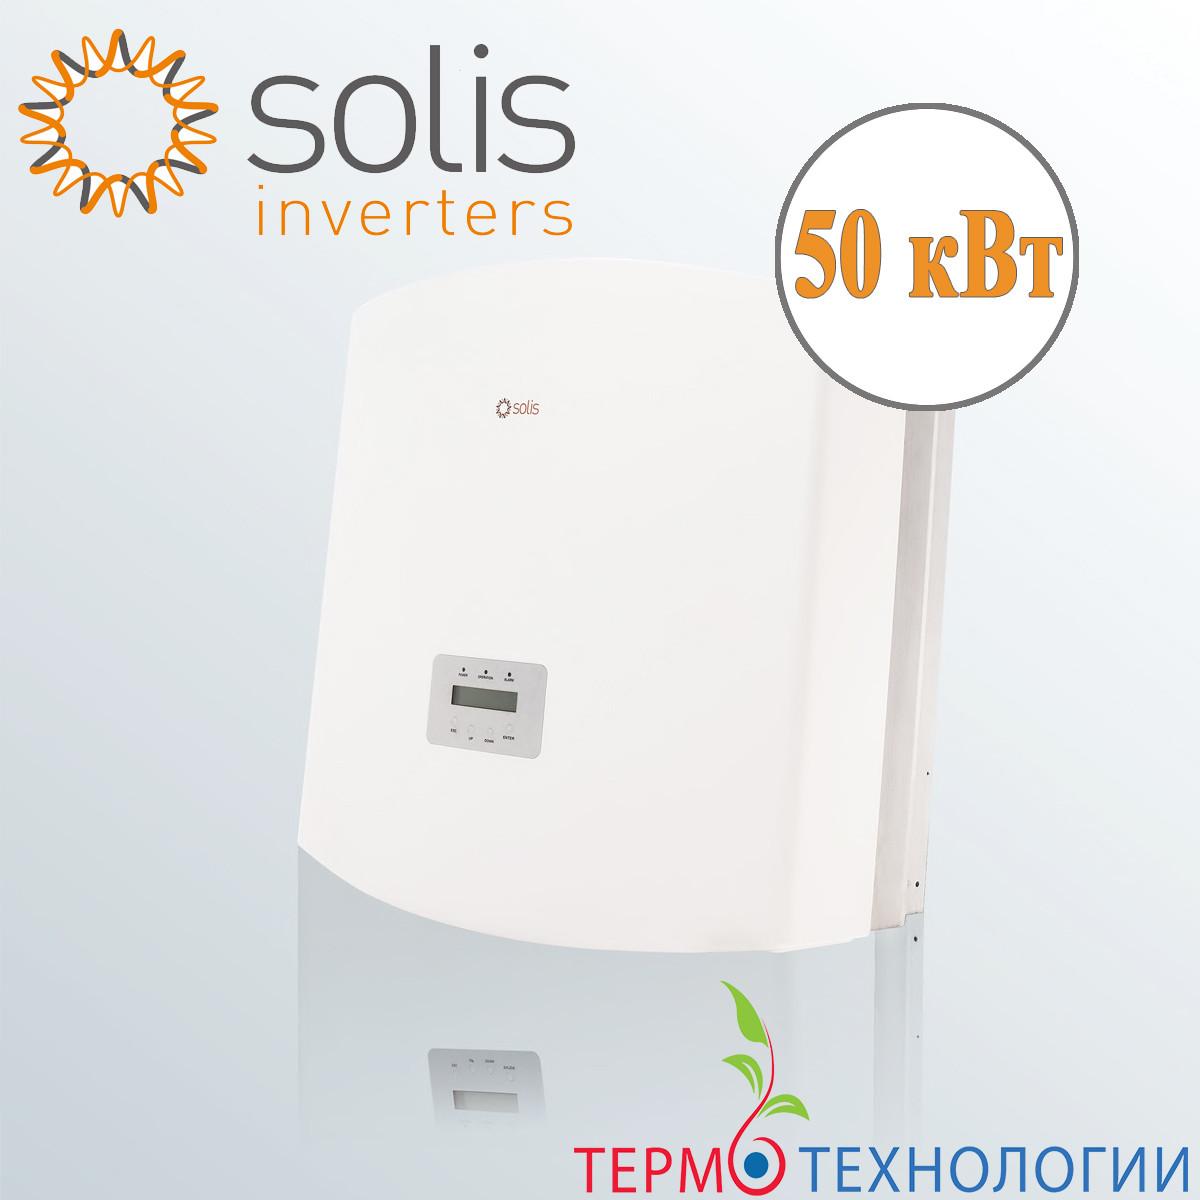 Солнечный инвертор сетевой Solis 50 кВт, 3Ф